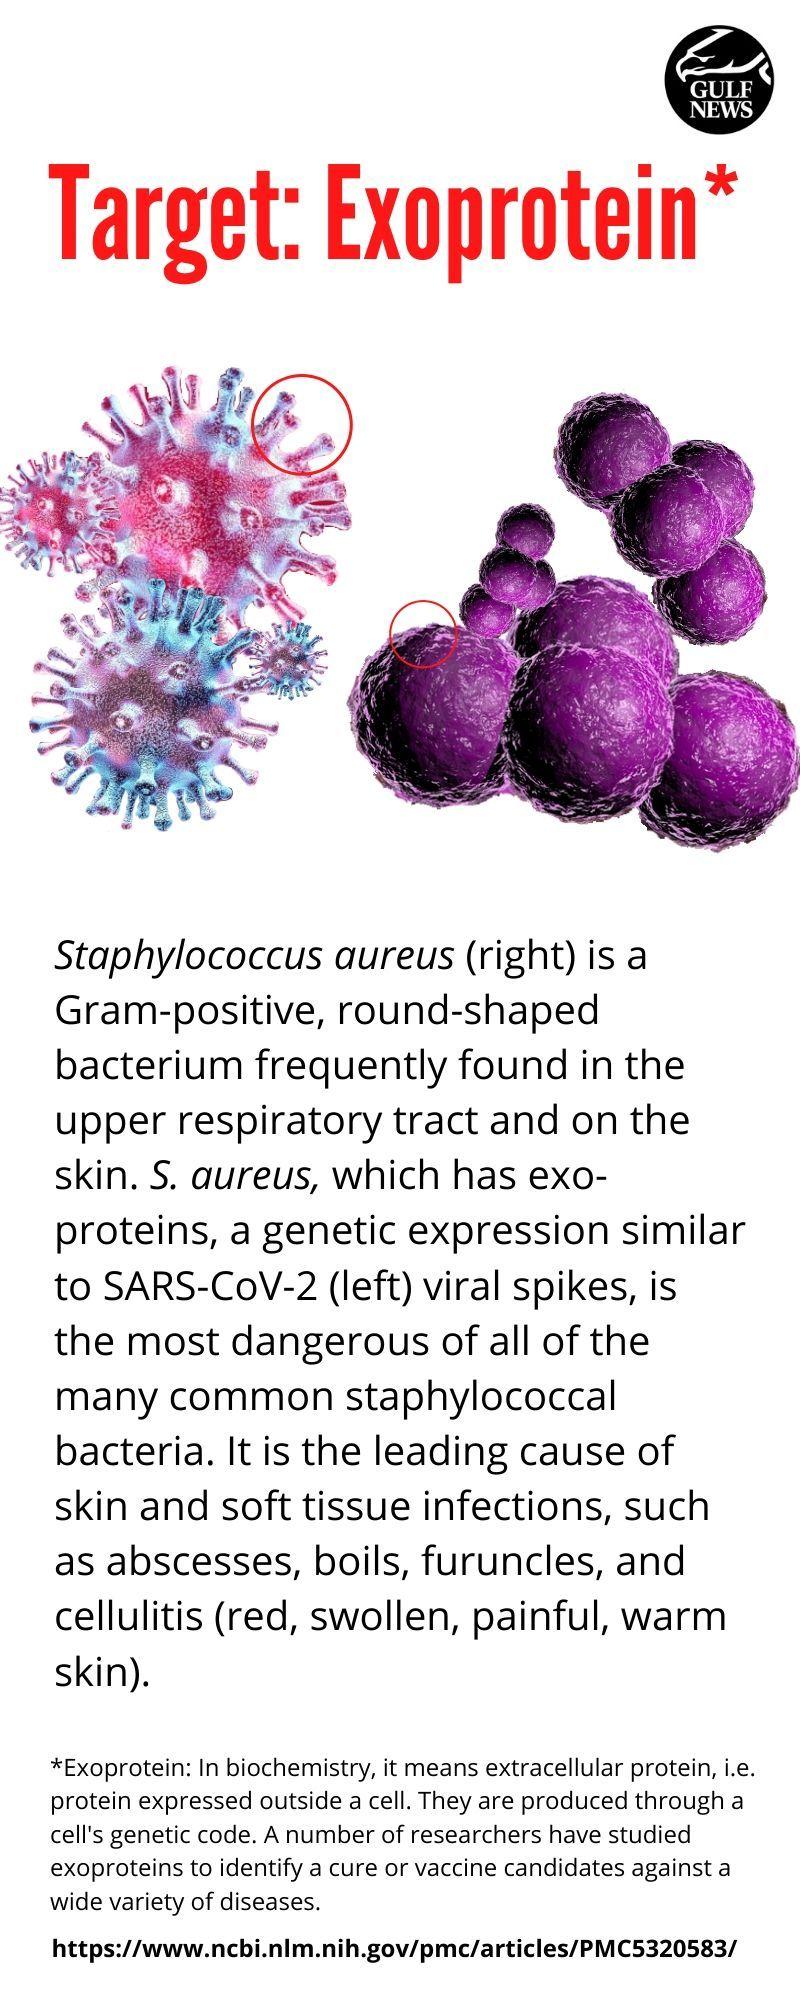 Exoprotein